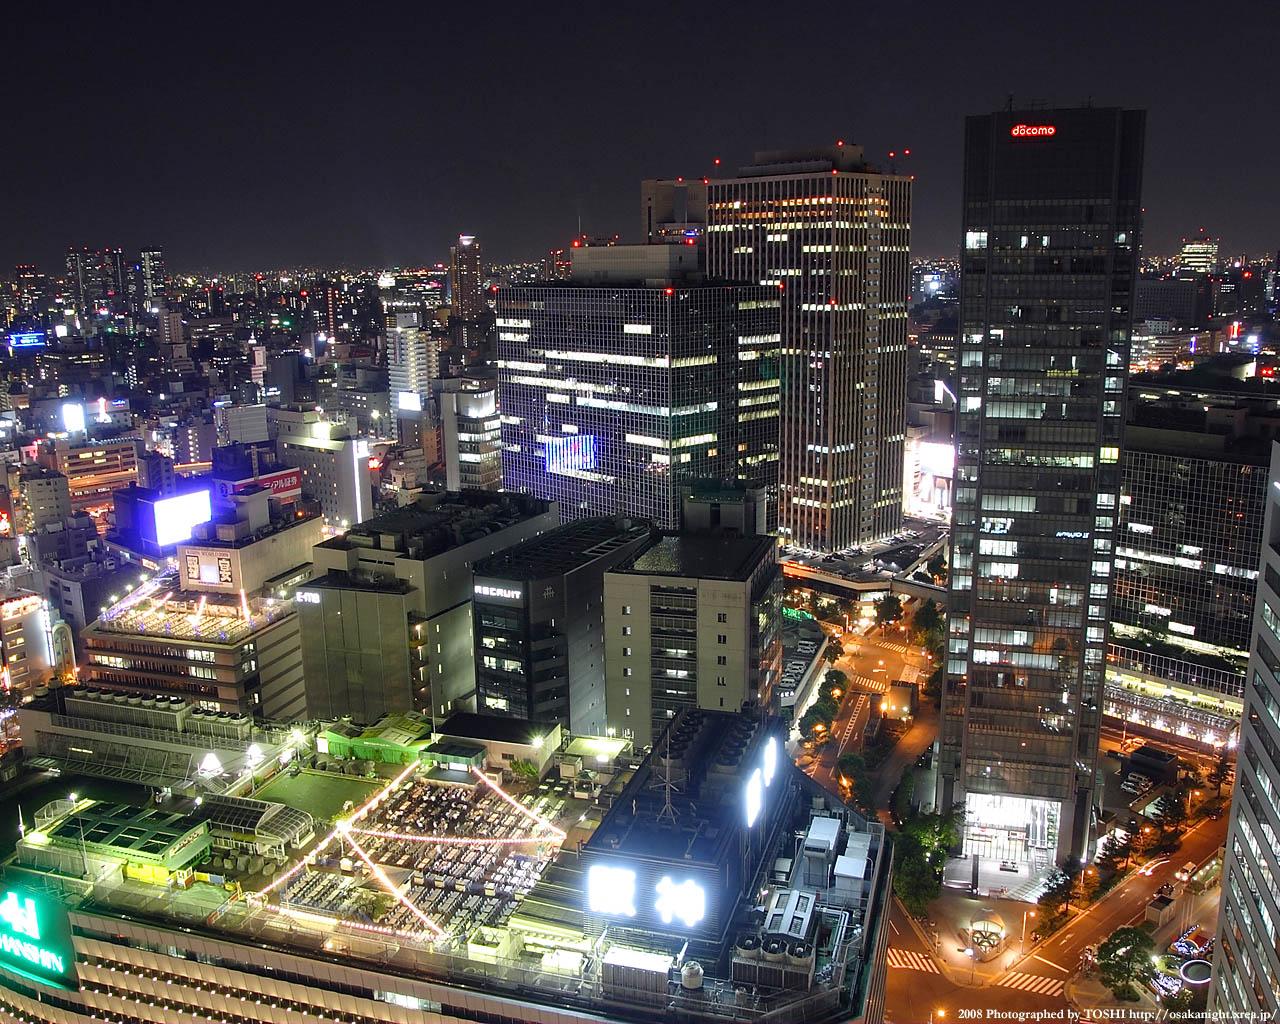 大阪駅前ダイヤモンド地区2